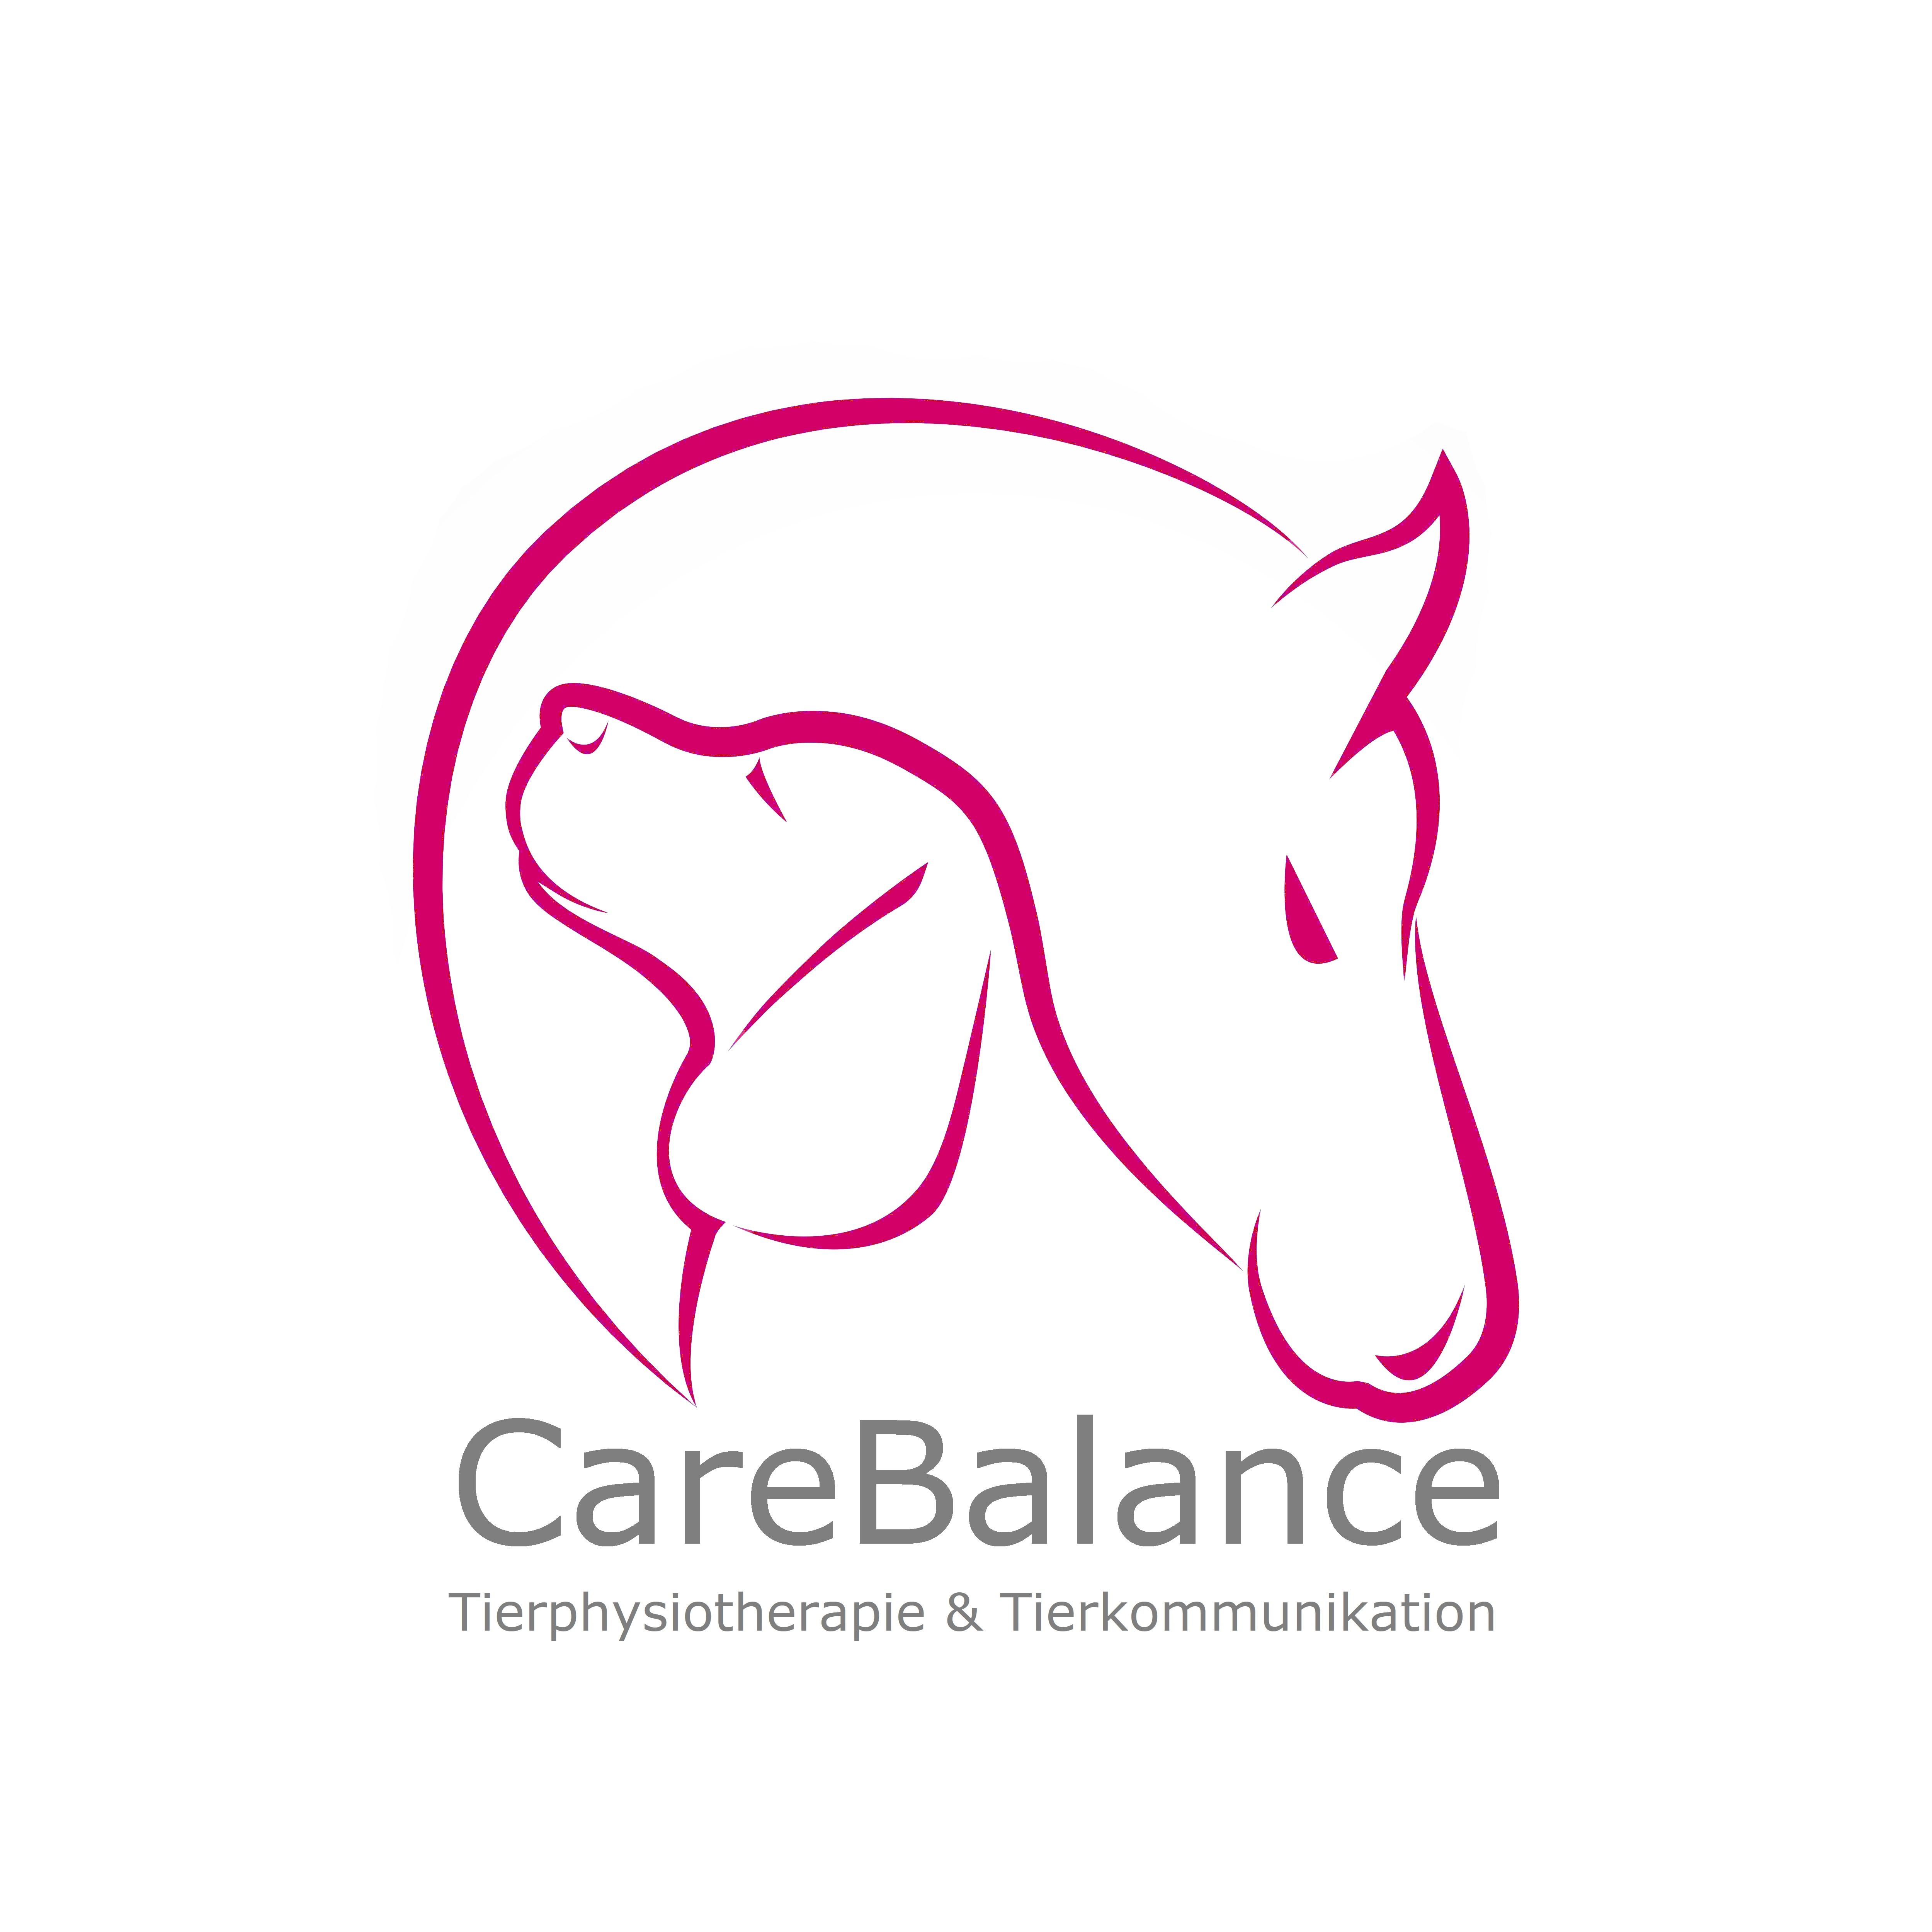 CareBalance